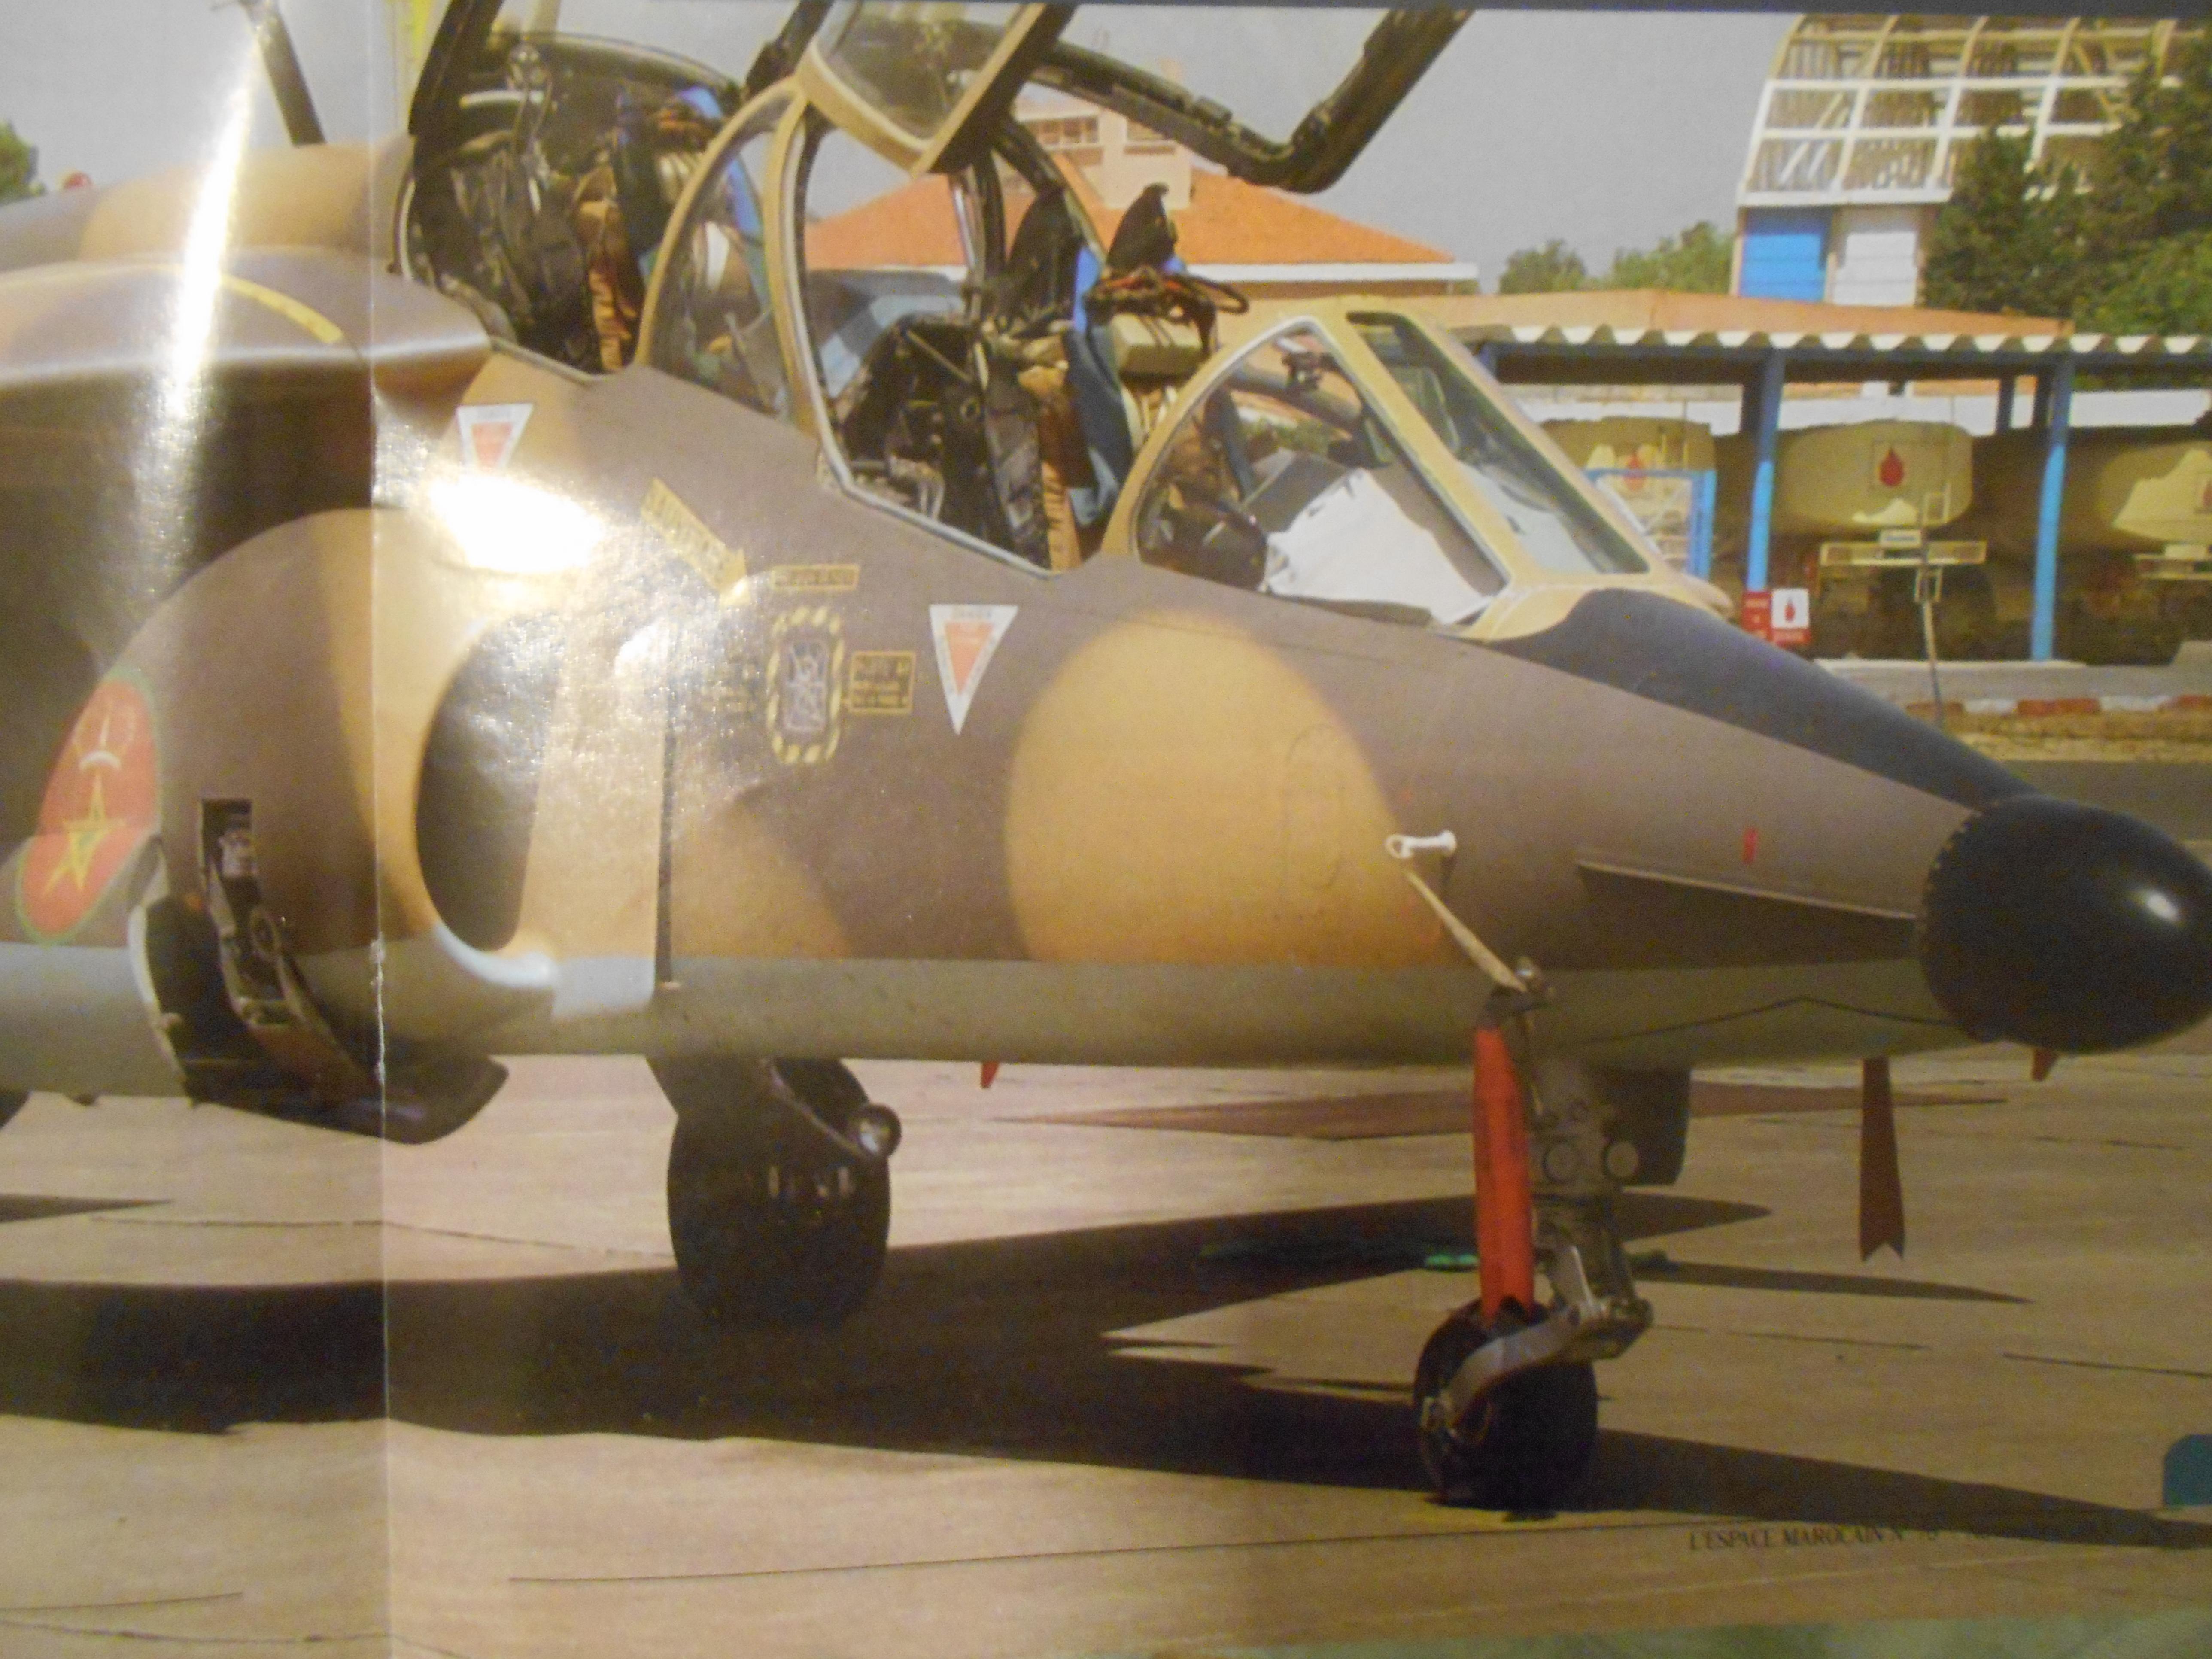 FRA: Photos avions d'entrainement et anti insurrection - Page 8 16022910322890962